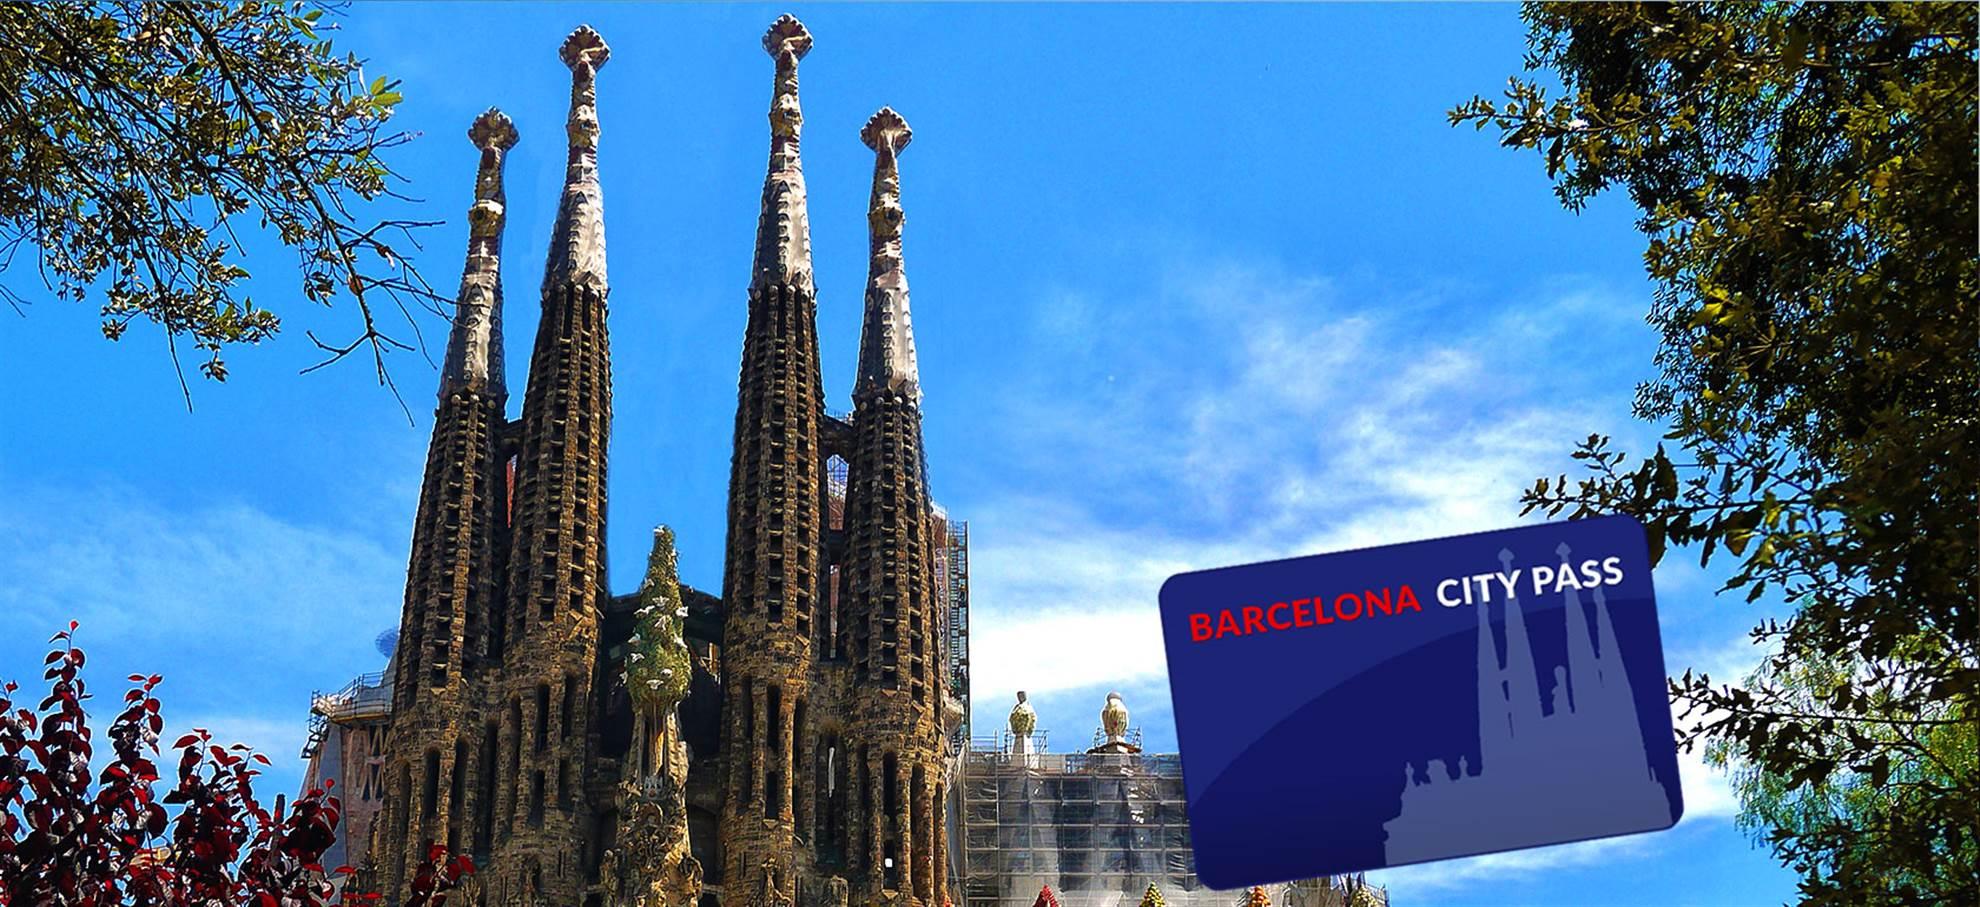 Барселона City Pass (посещение Собора Святого Семейства +Парка Гуэля)